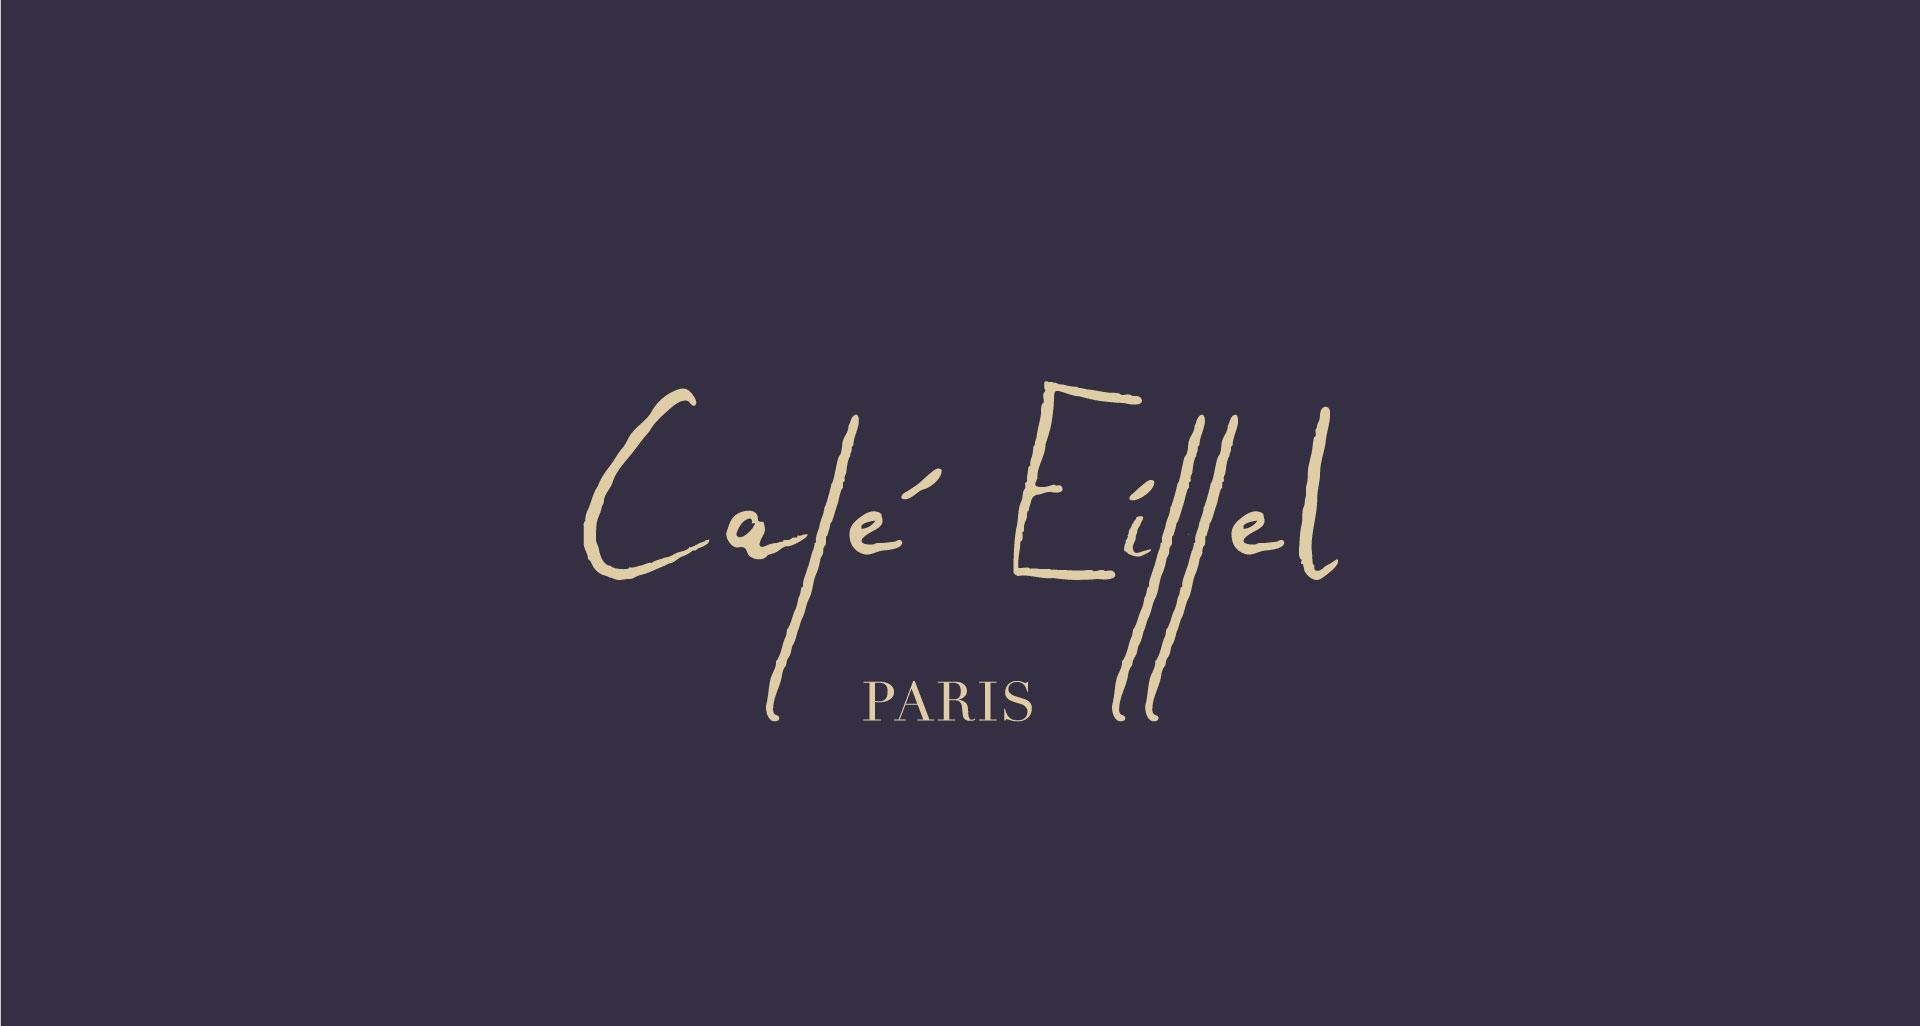 Projet pourCafé Eiffel par l'agence Cassian